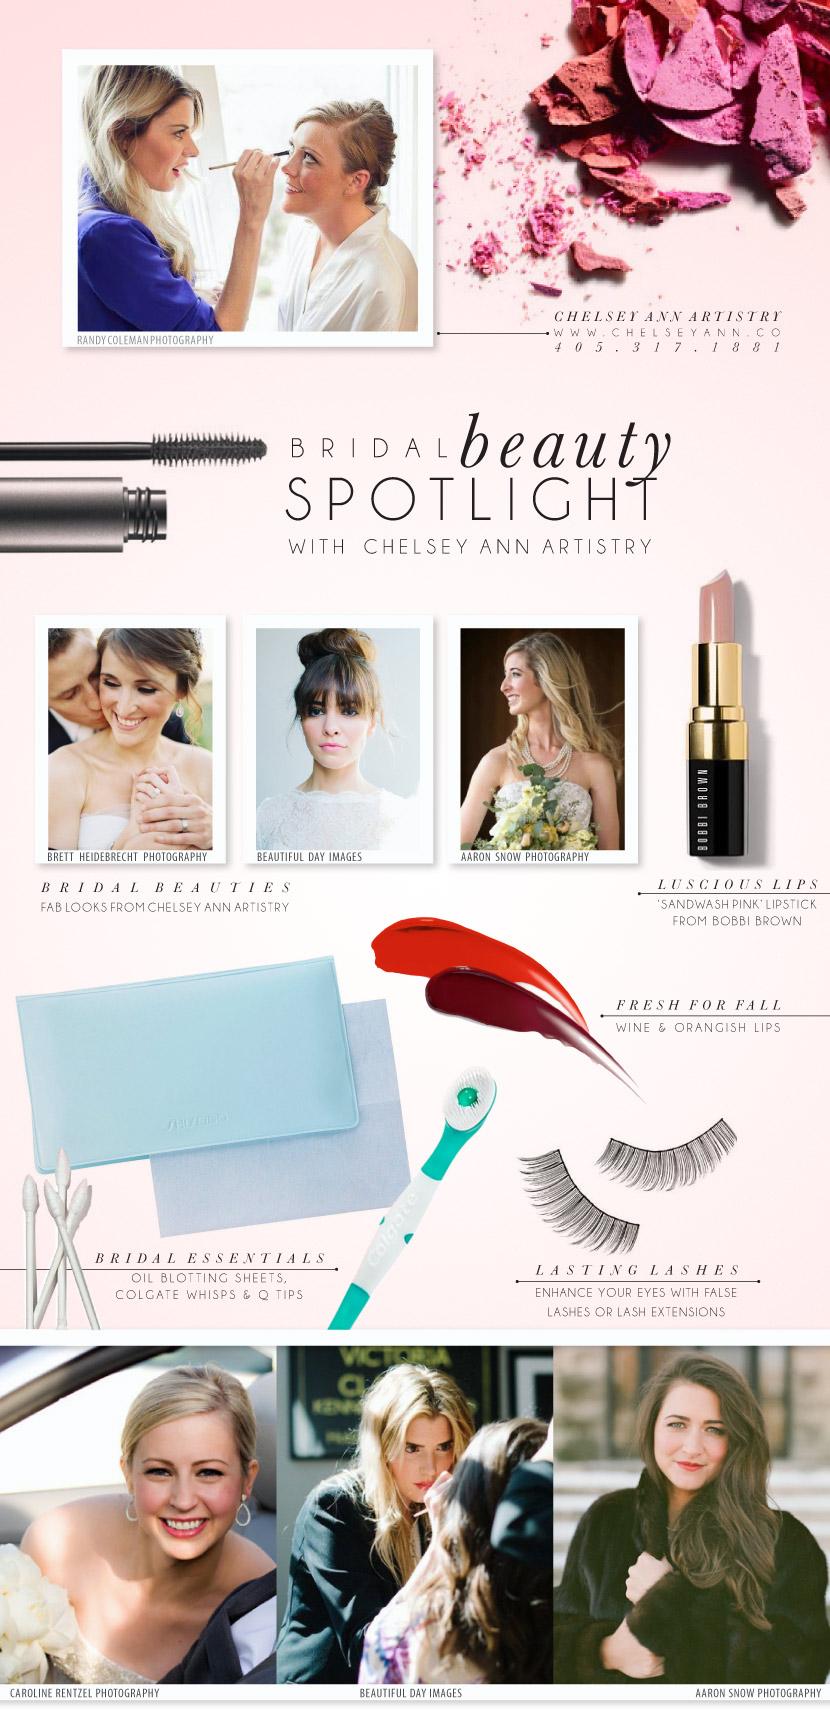 beautyspotlight_chelseyannartsitry_blog